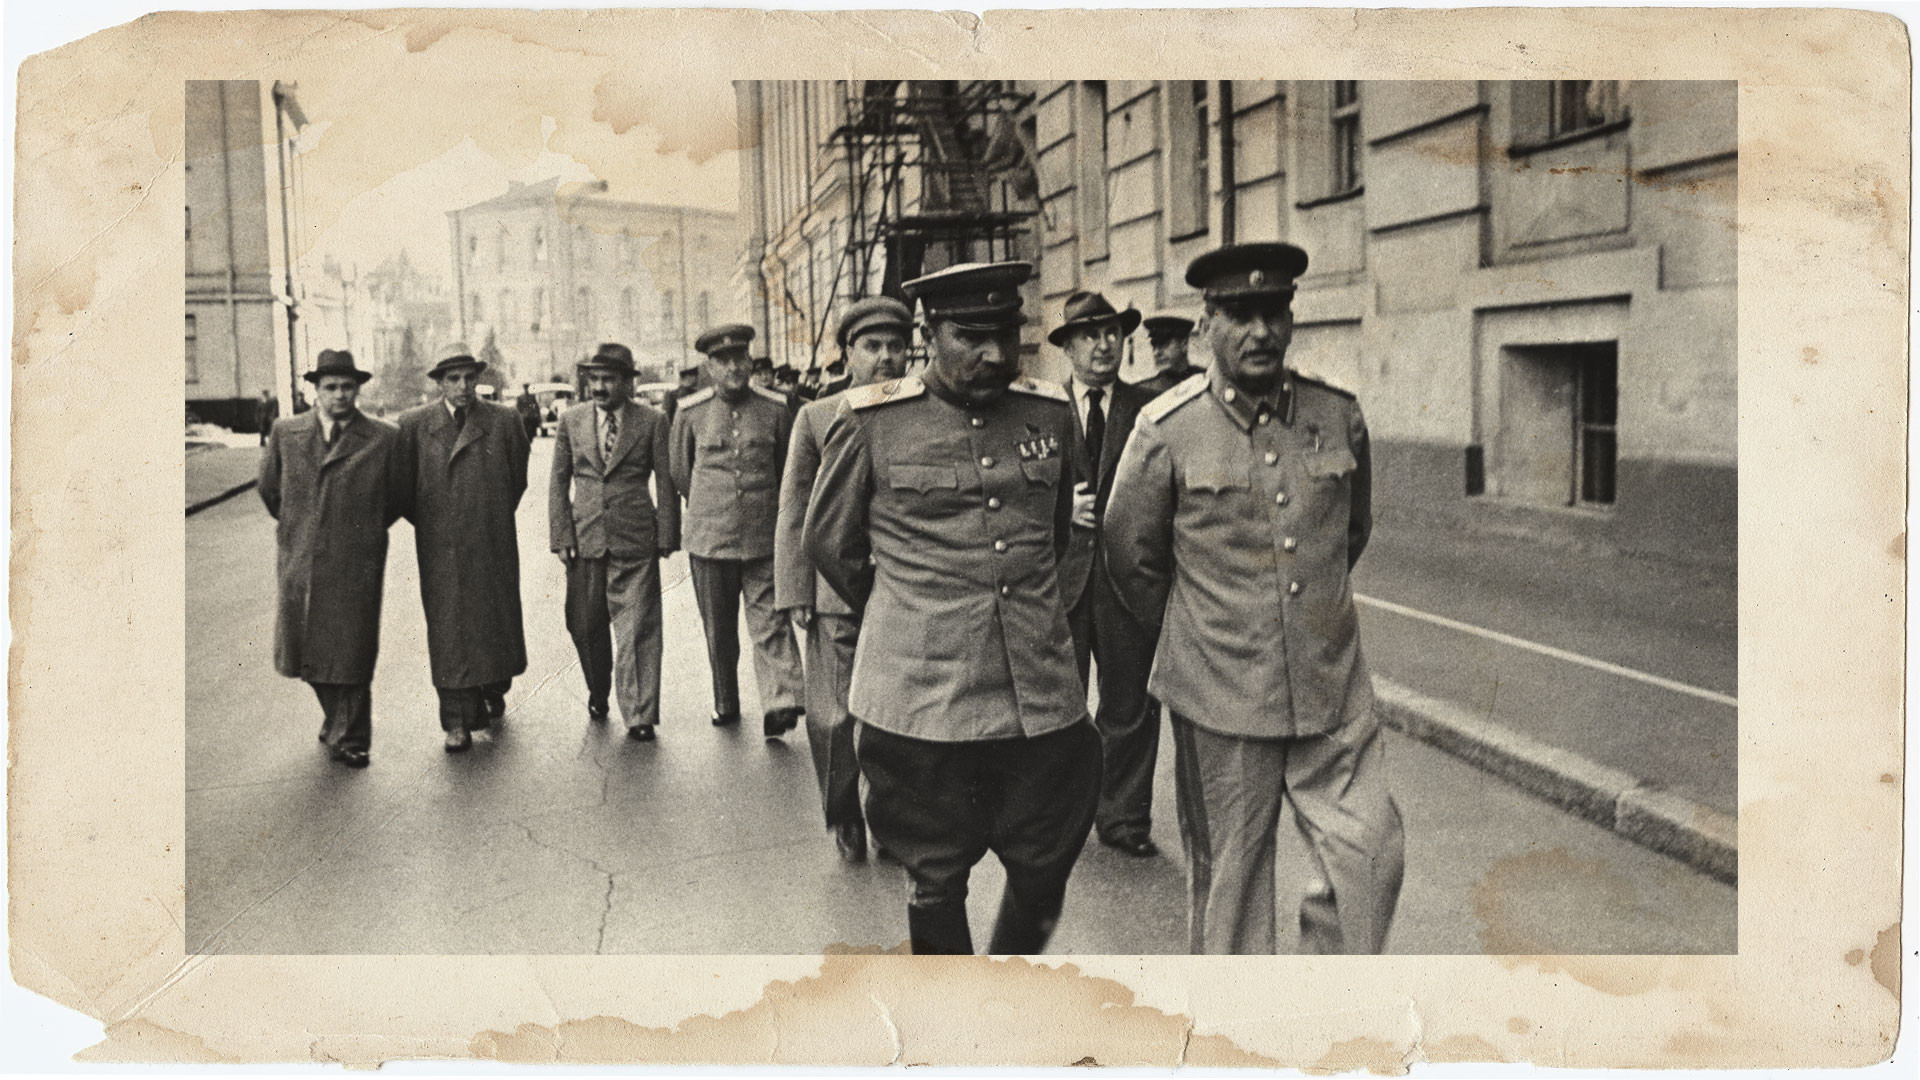 Иосиф Сталин, Семён Будённый (на переднем плане). Фото: © РИА Новости/Фёдор Кислов